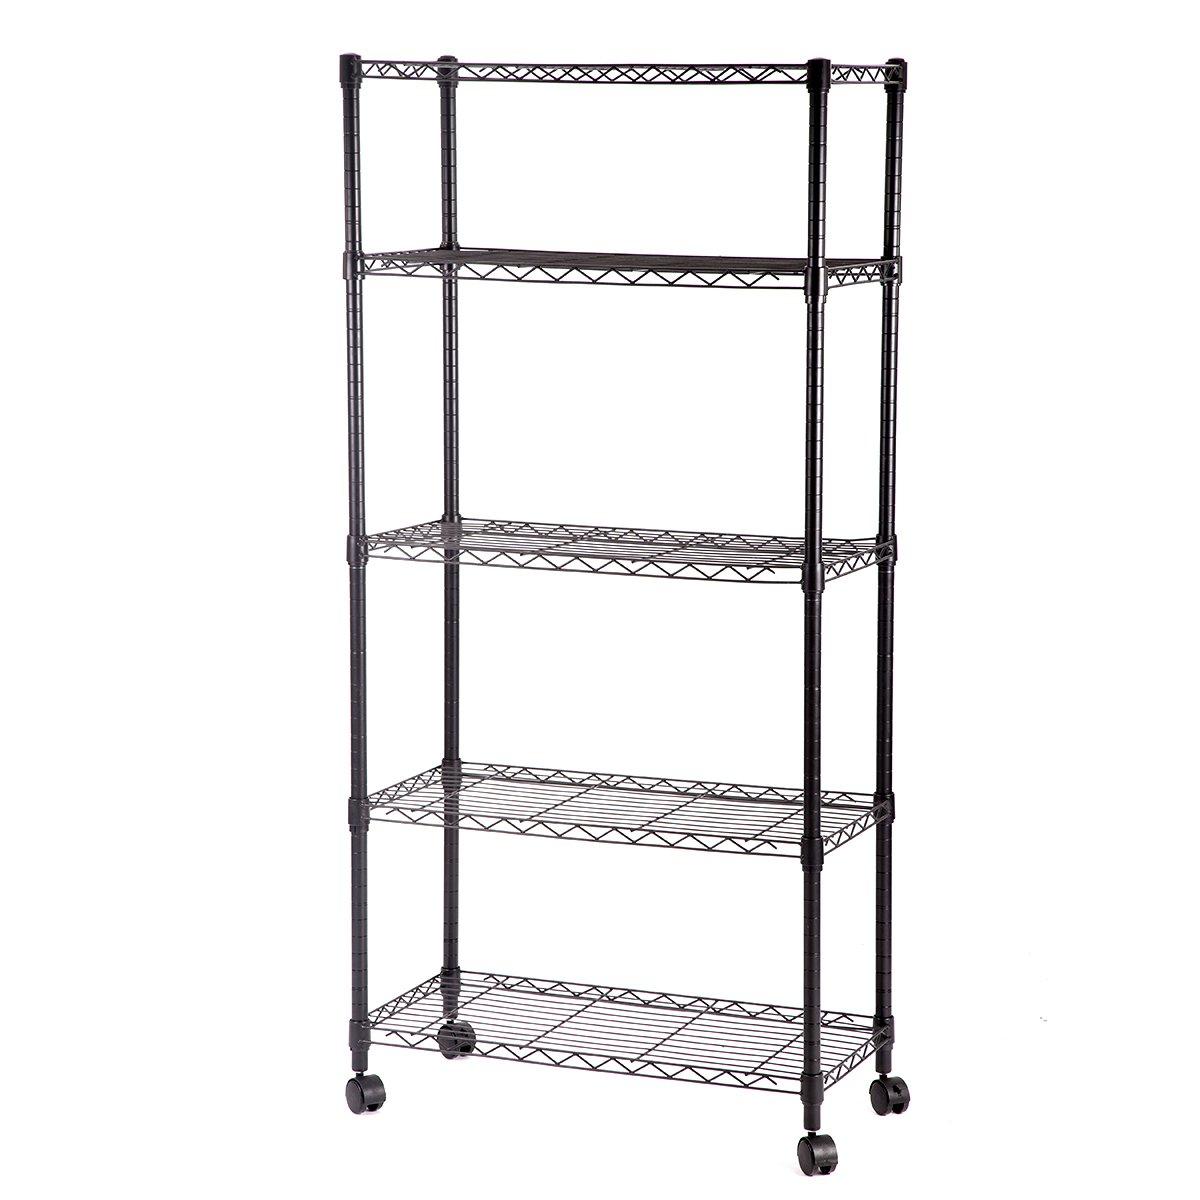 Amazon.com: 5 Shelf Steel Wire Shelving 30 by 14 by 60-Inch Storage ...